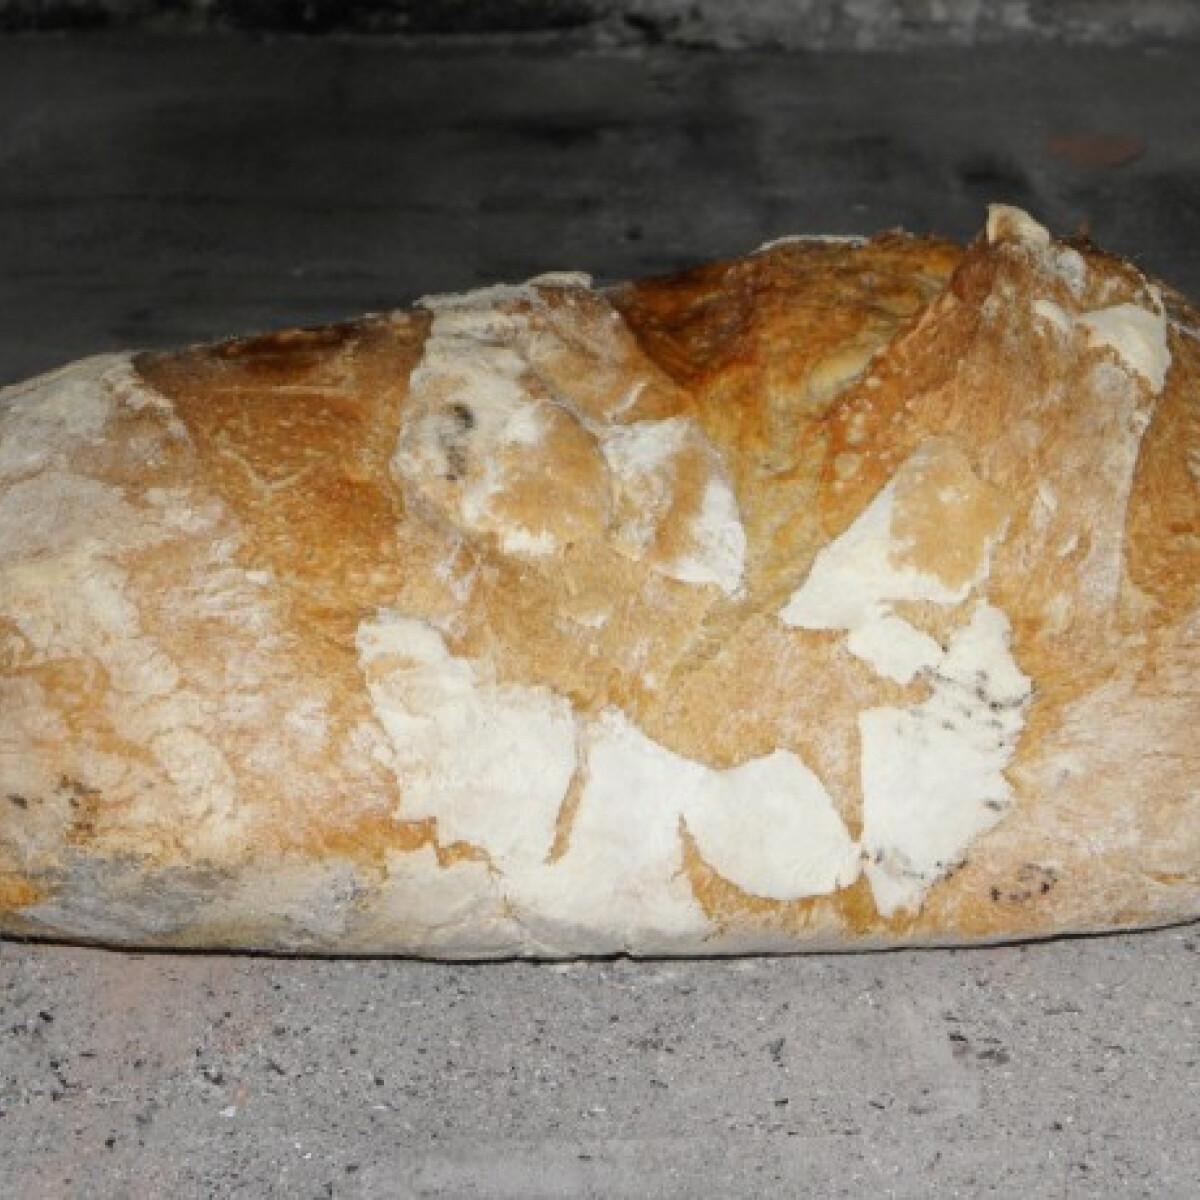 Kemencében sült rozsos kenyér